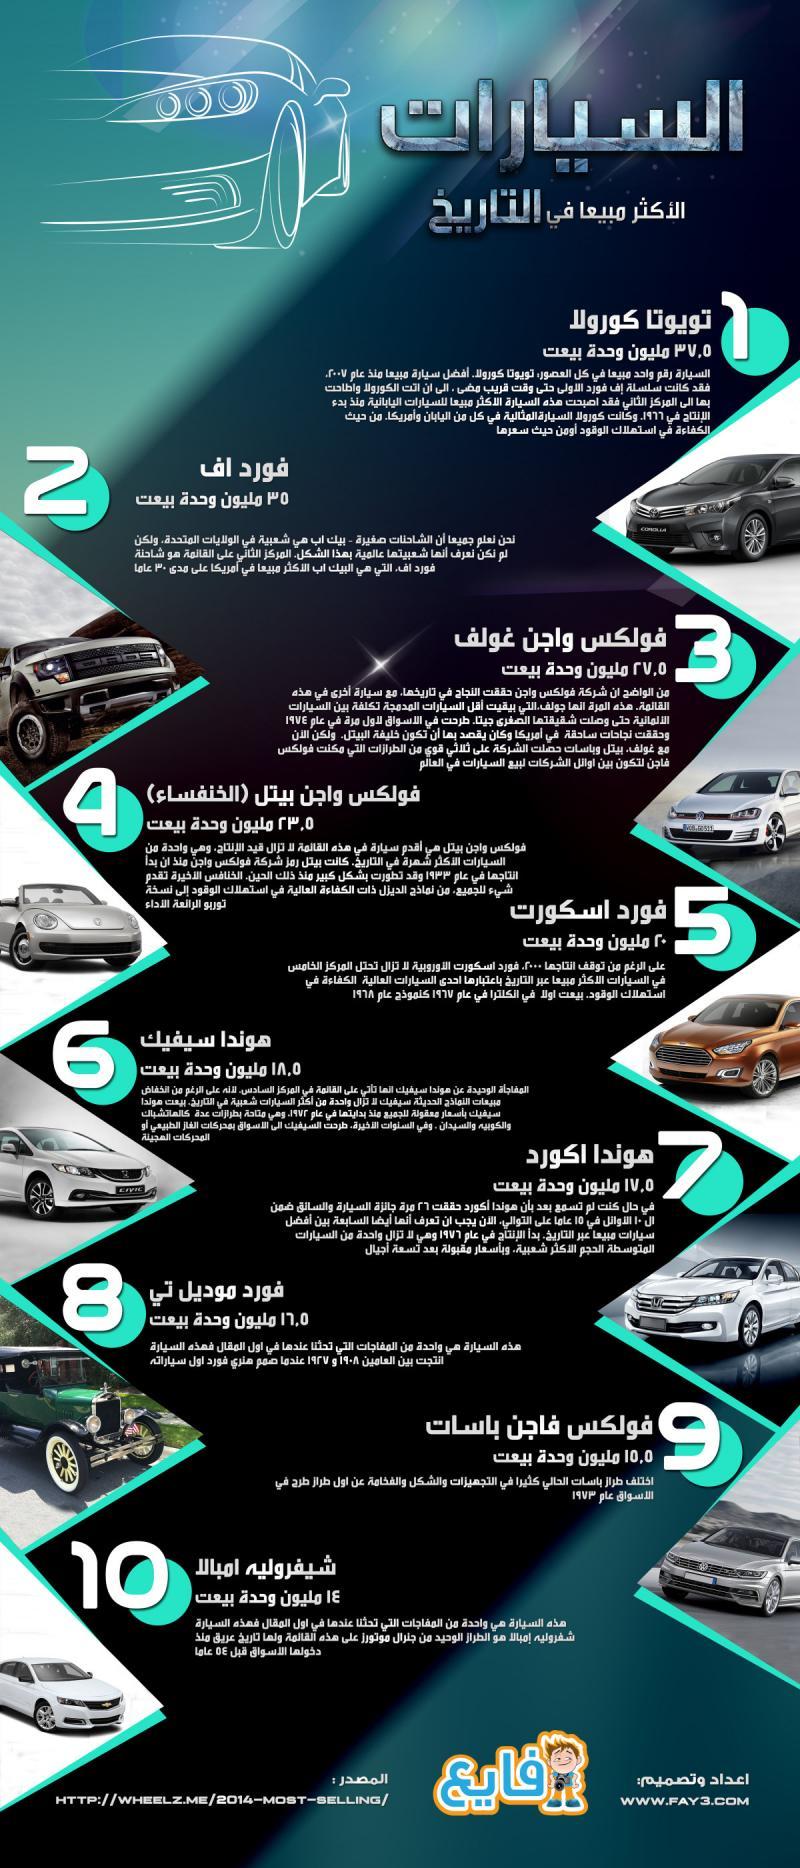 السيارات الأكثر مبيعا في التاريخ #انفوجرافيك #سيارات